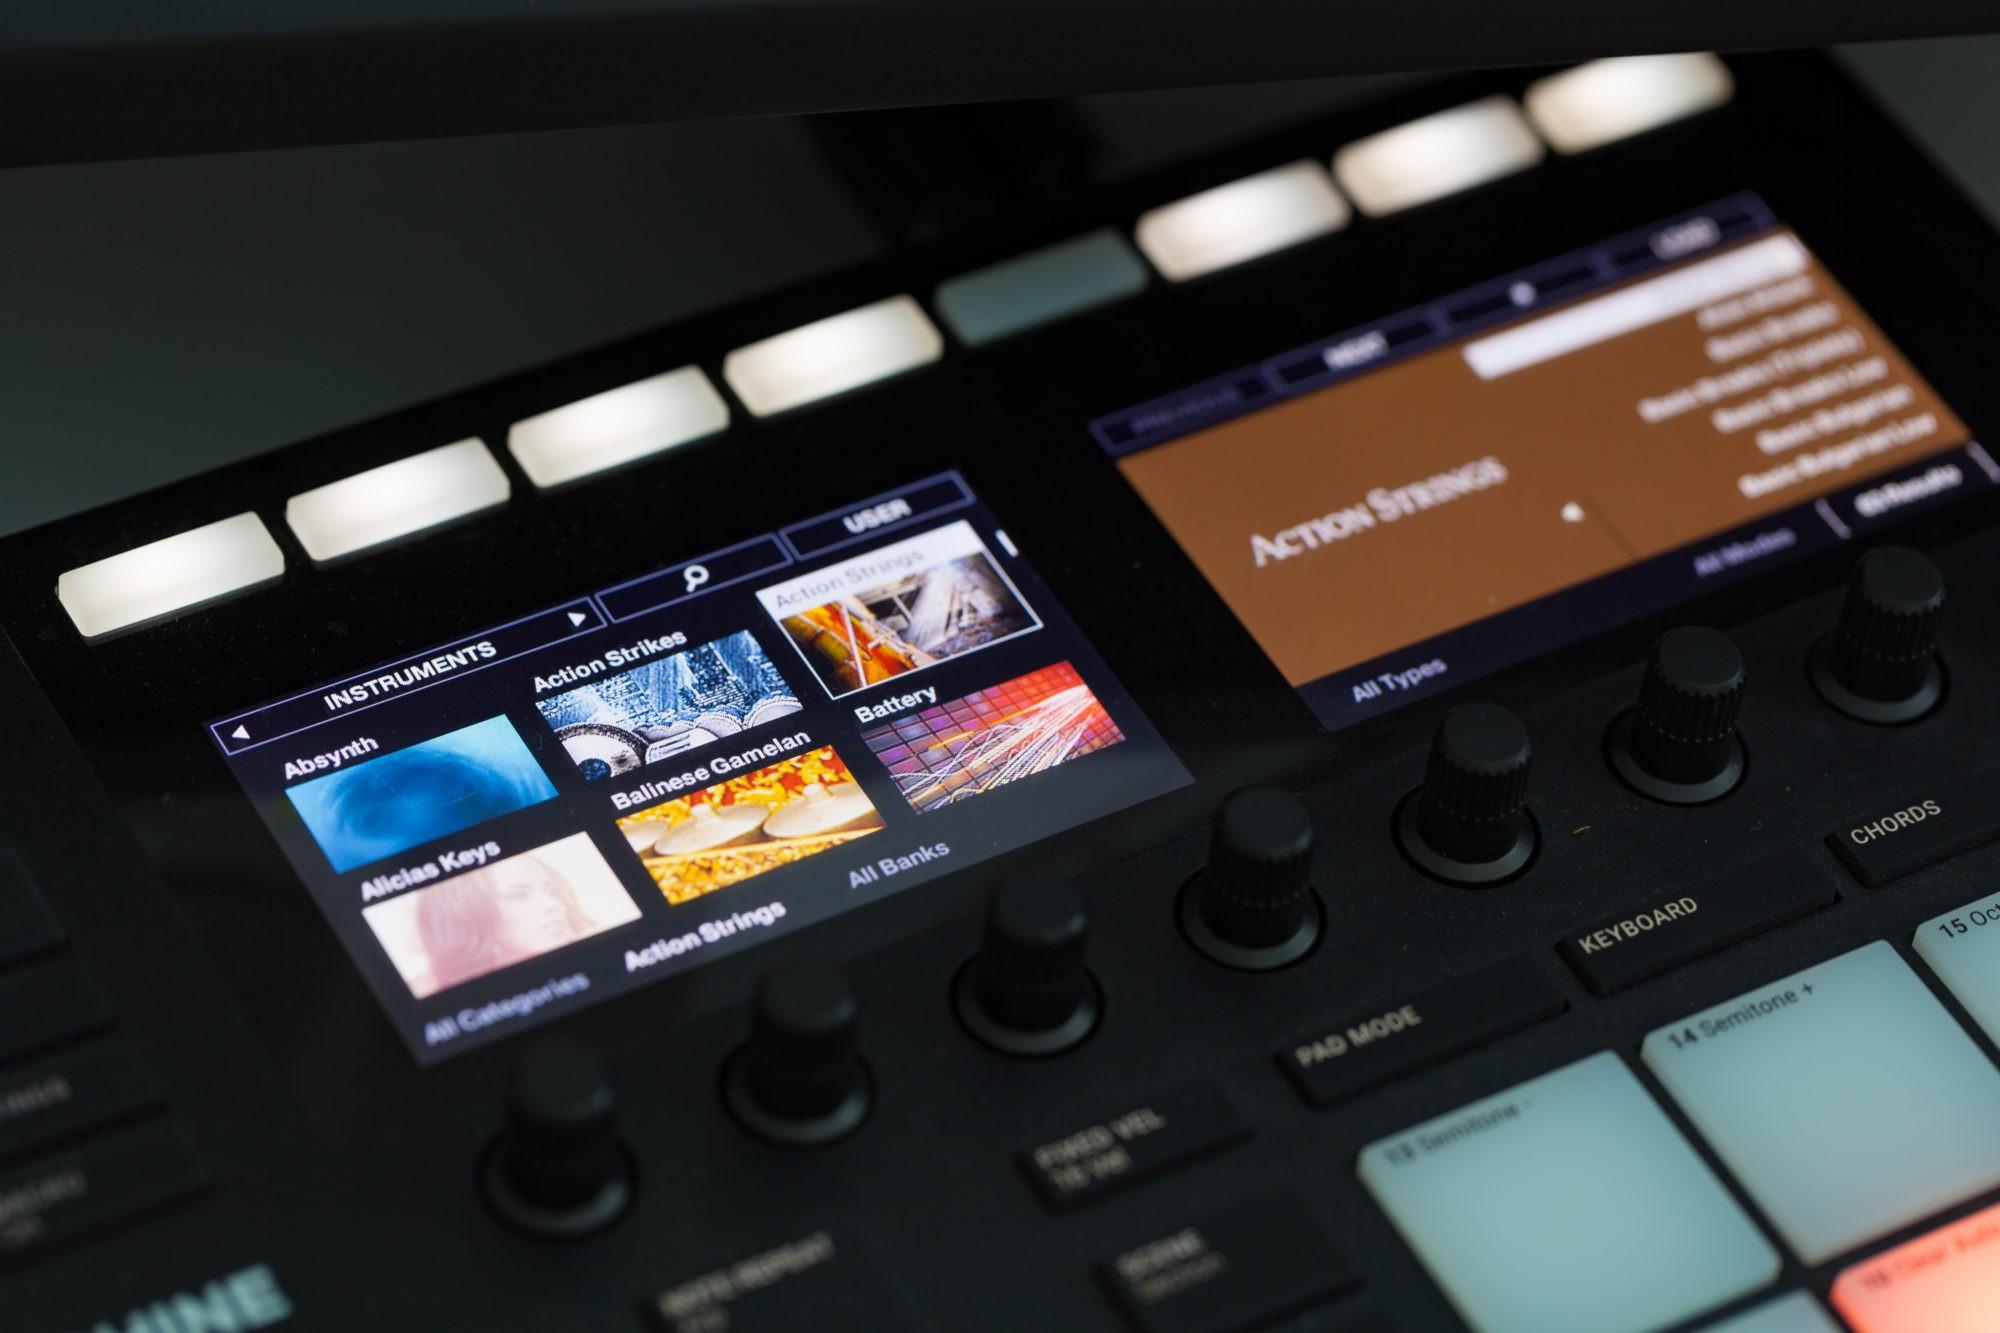 Filmprodukion, Videobearbeitung, STRAINX